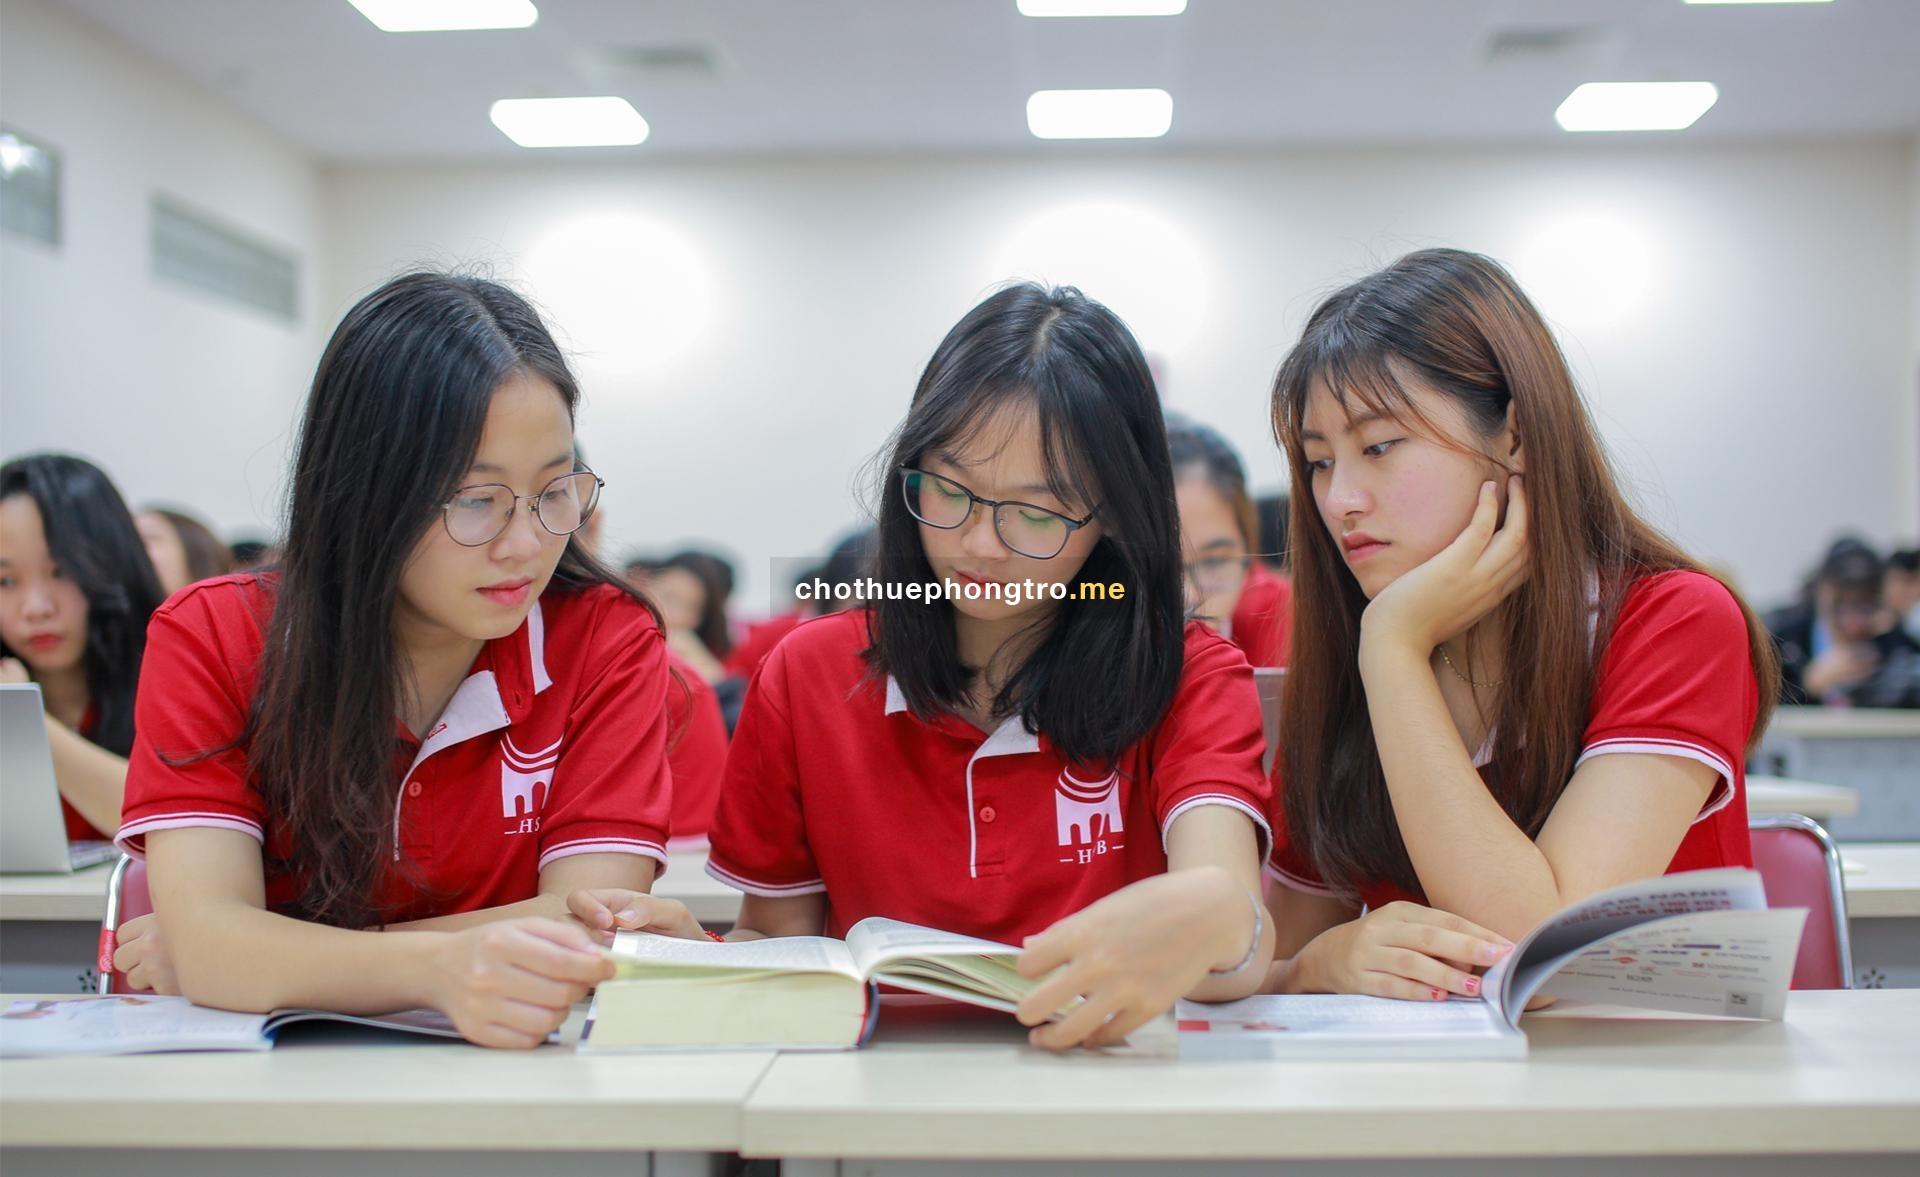 Sinh viên Hà Nội cũng có sự khác biệt trong nhu cầu chọn phòng trọ